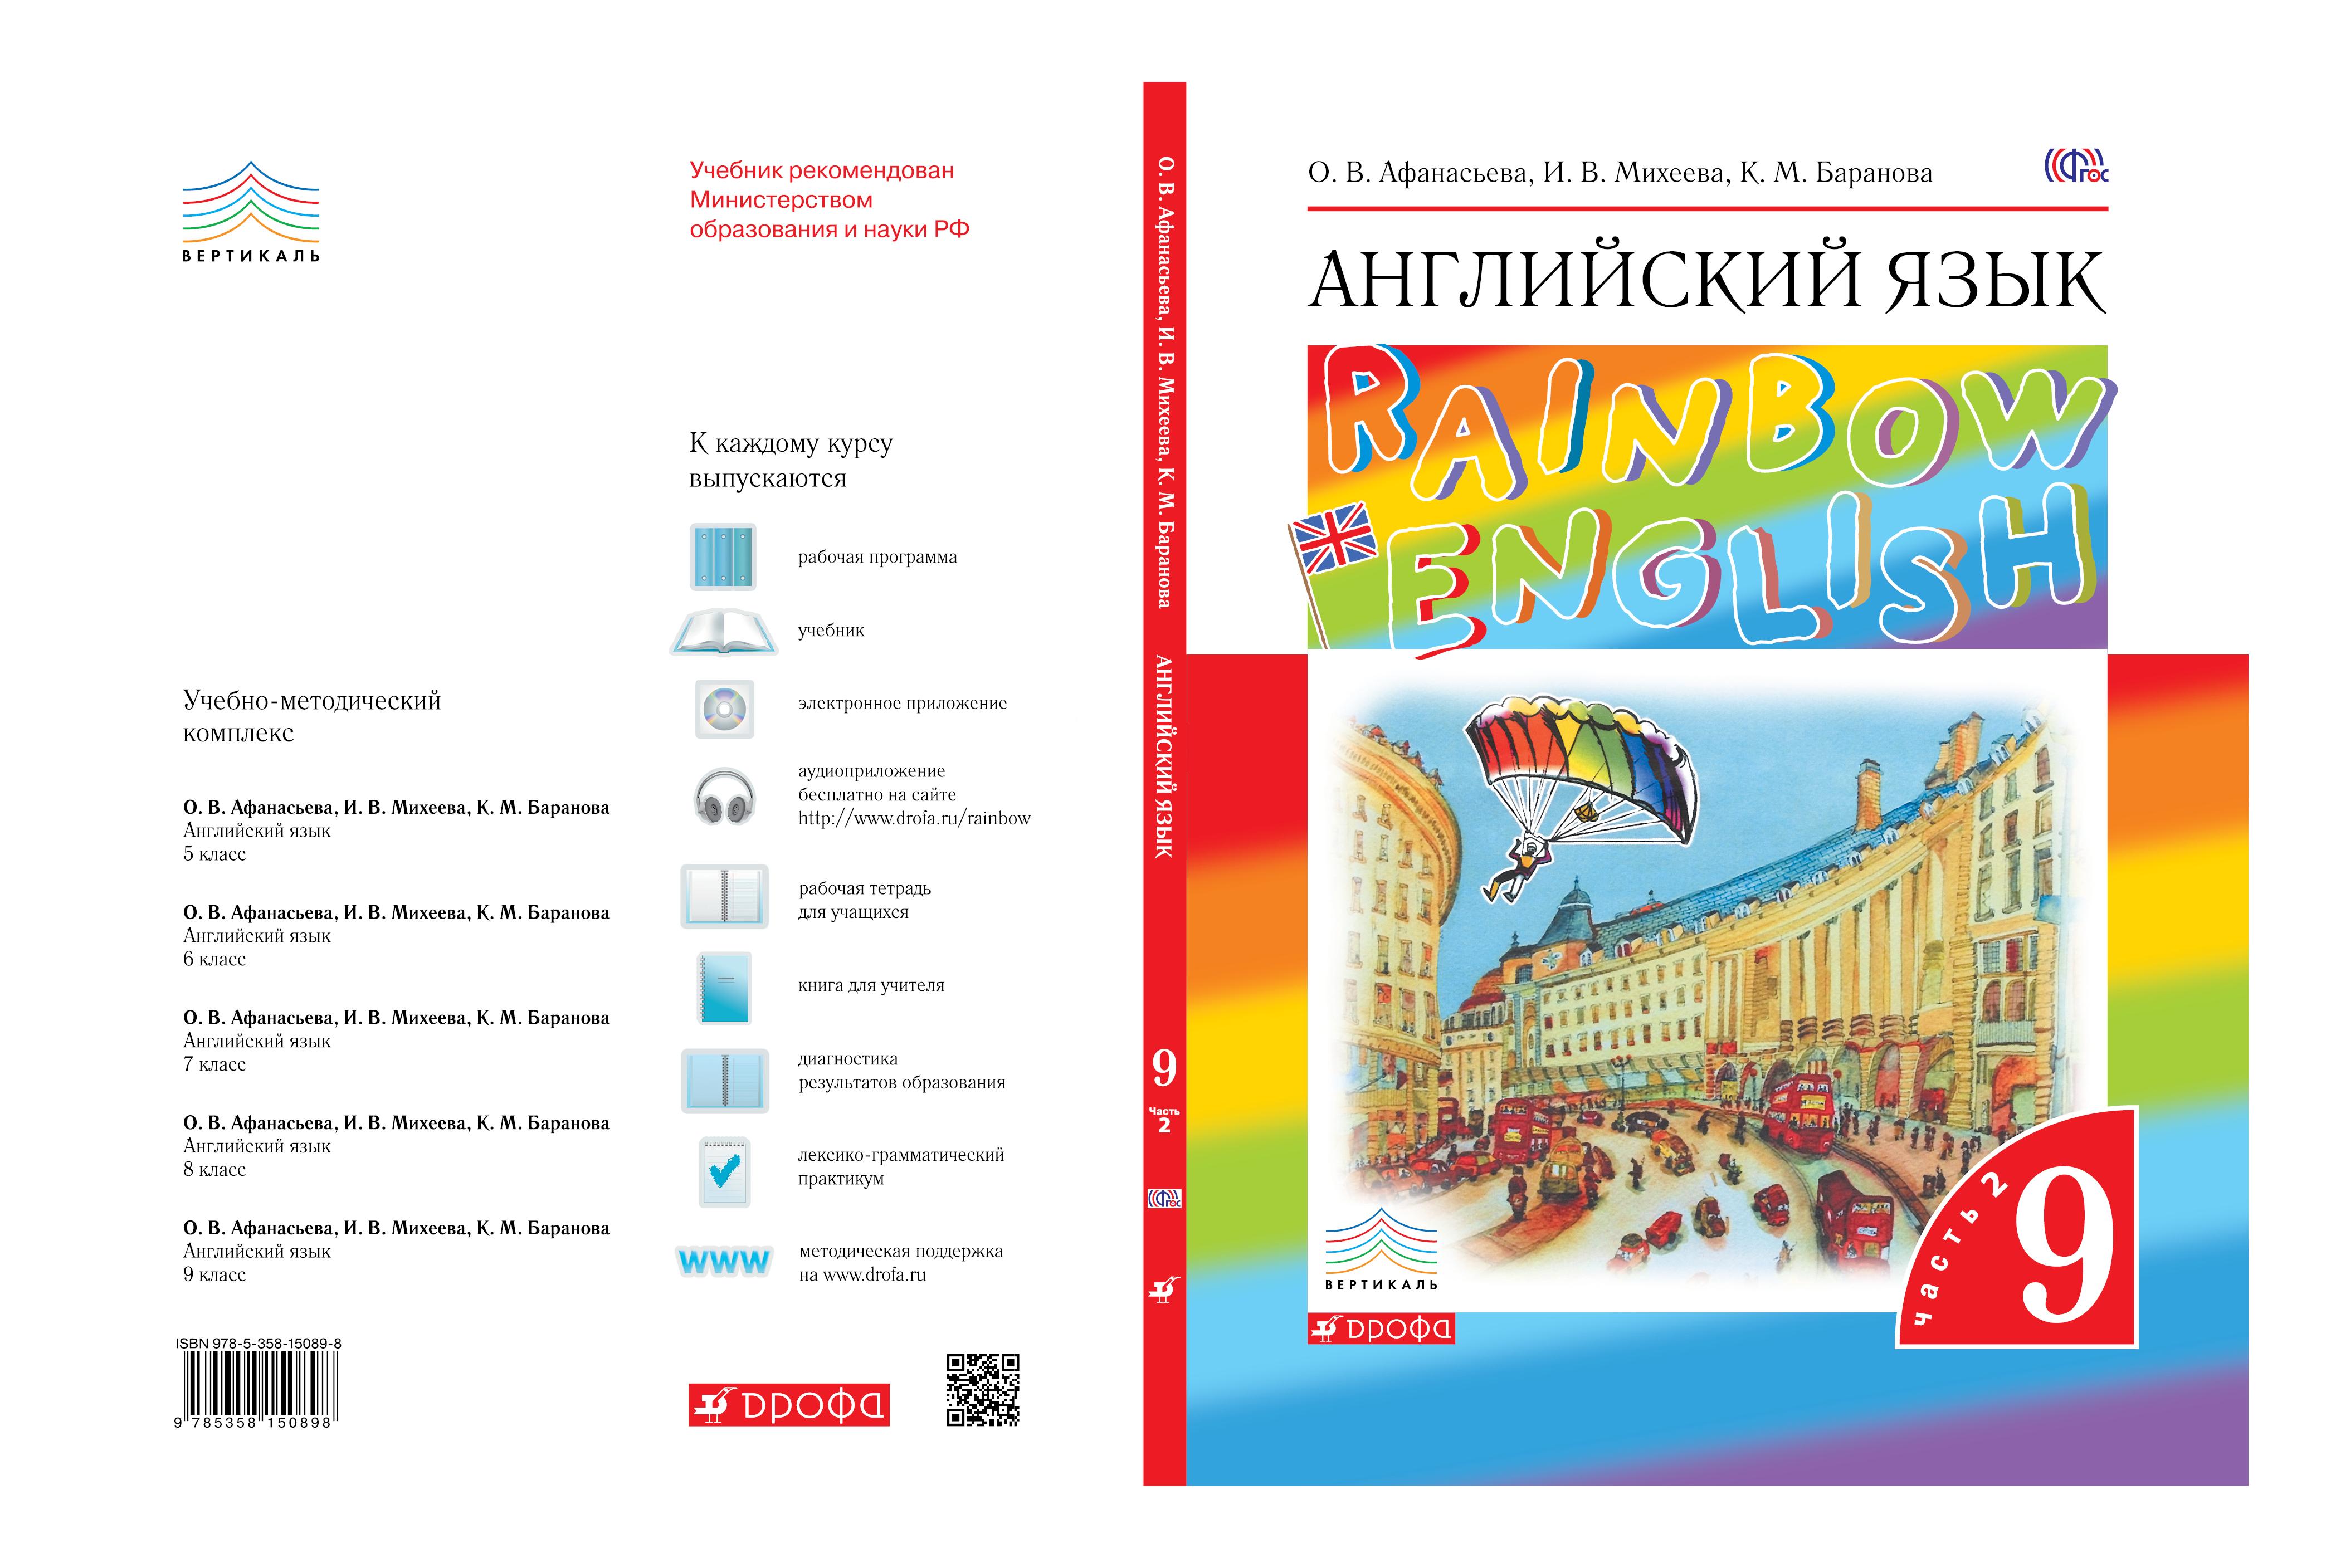 английский язык афанасьева 7 класс учебник 2018 дрофа гдз